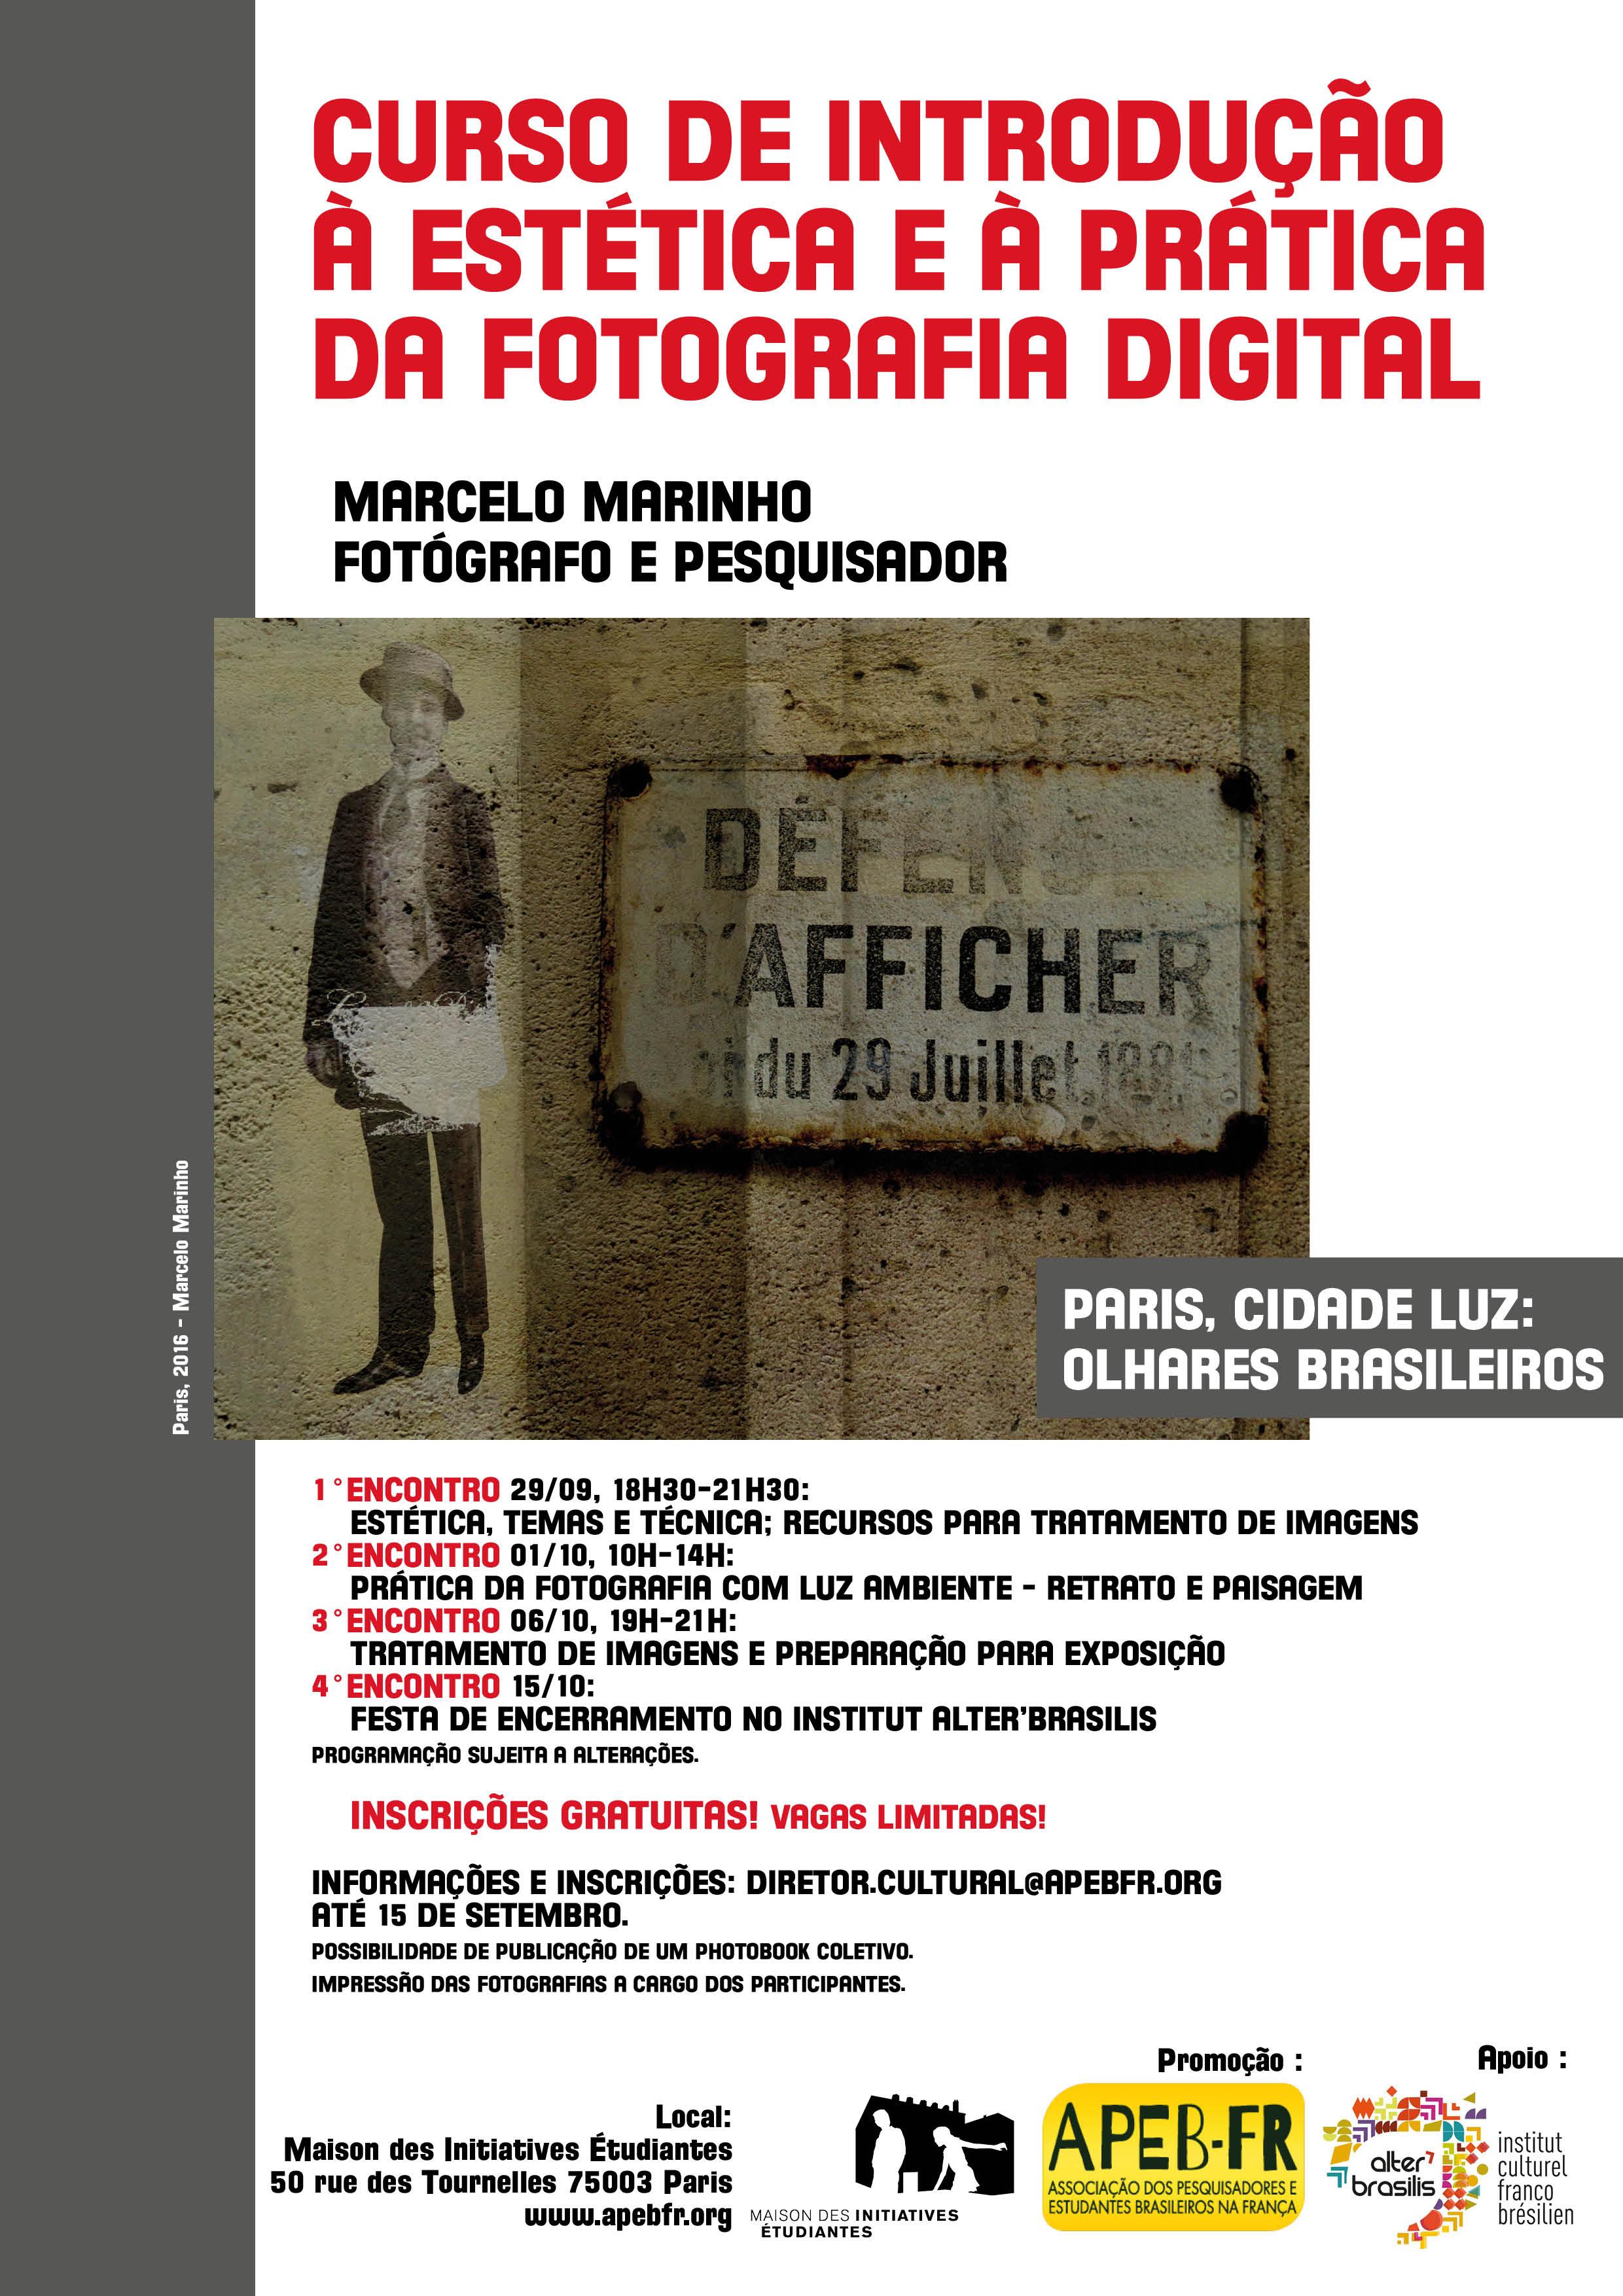 Curso de introdução à estética e à prática da fotografia digital